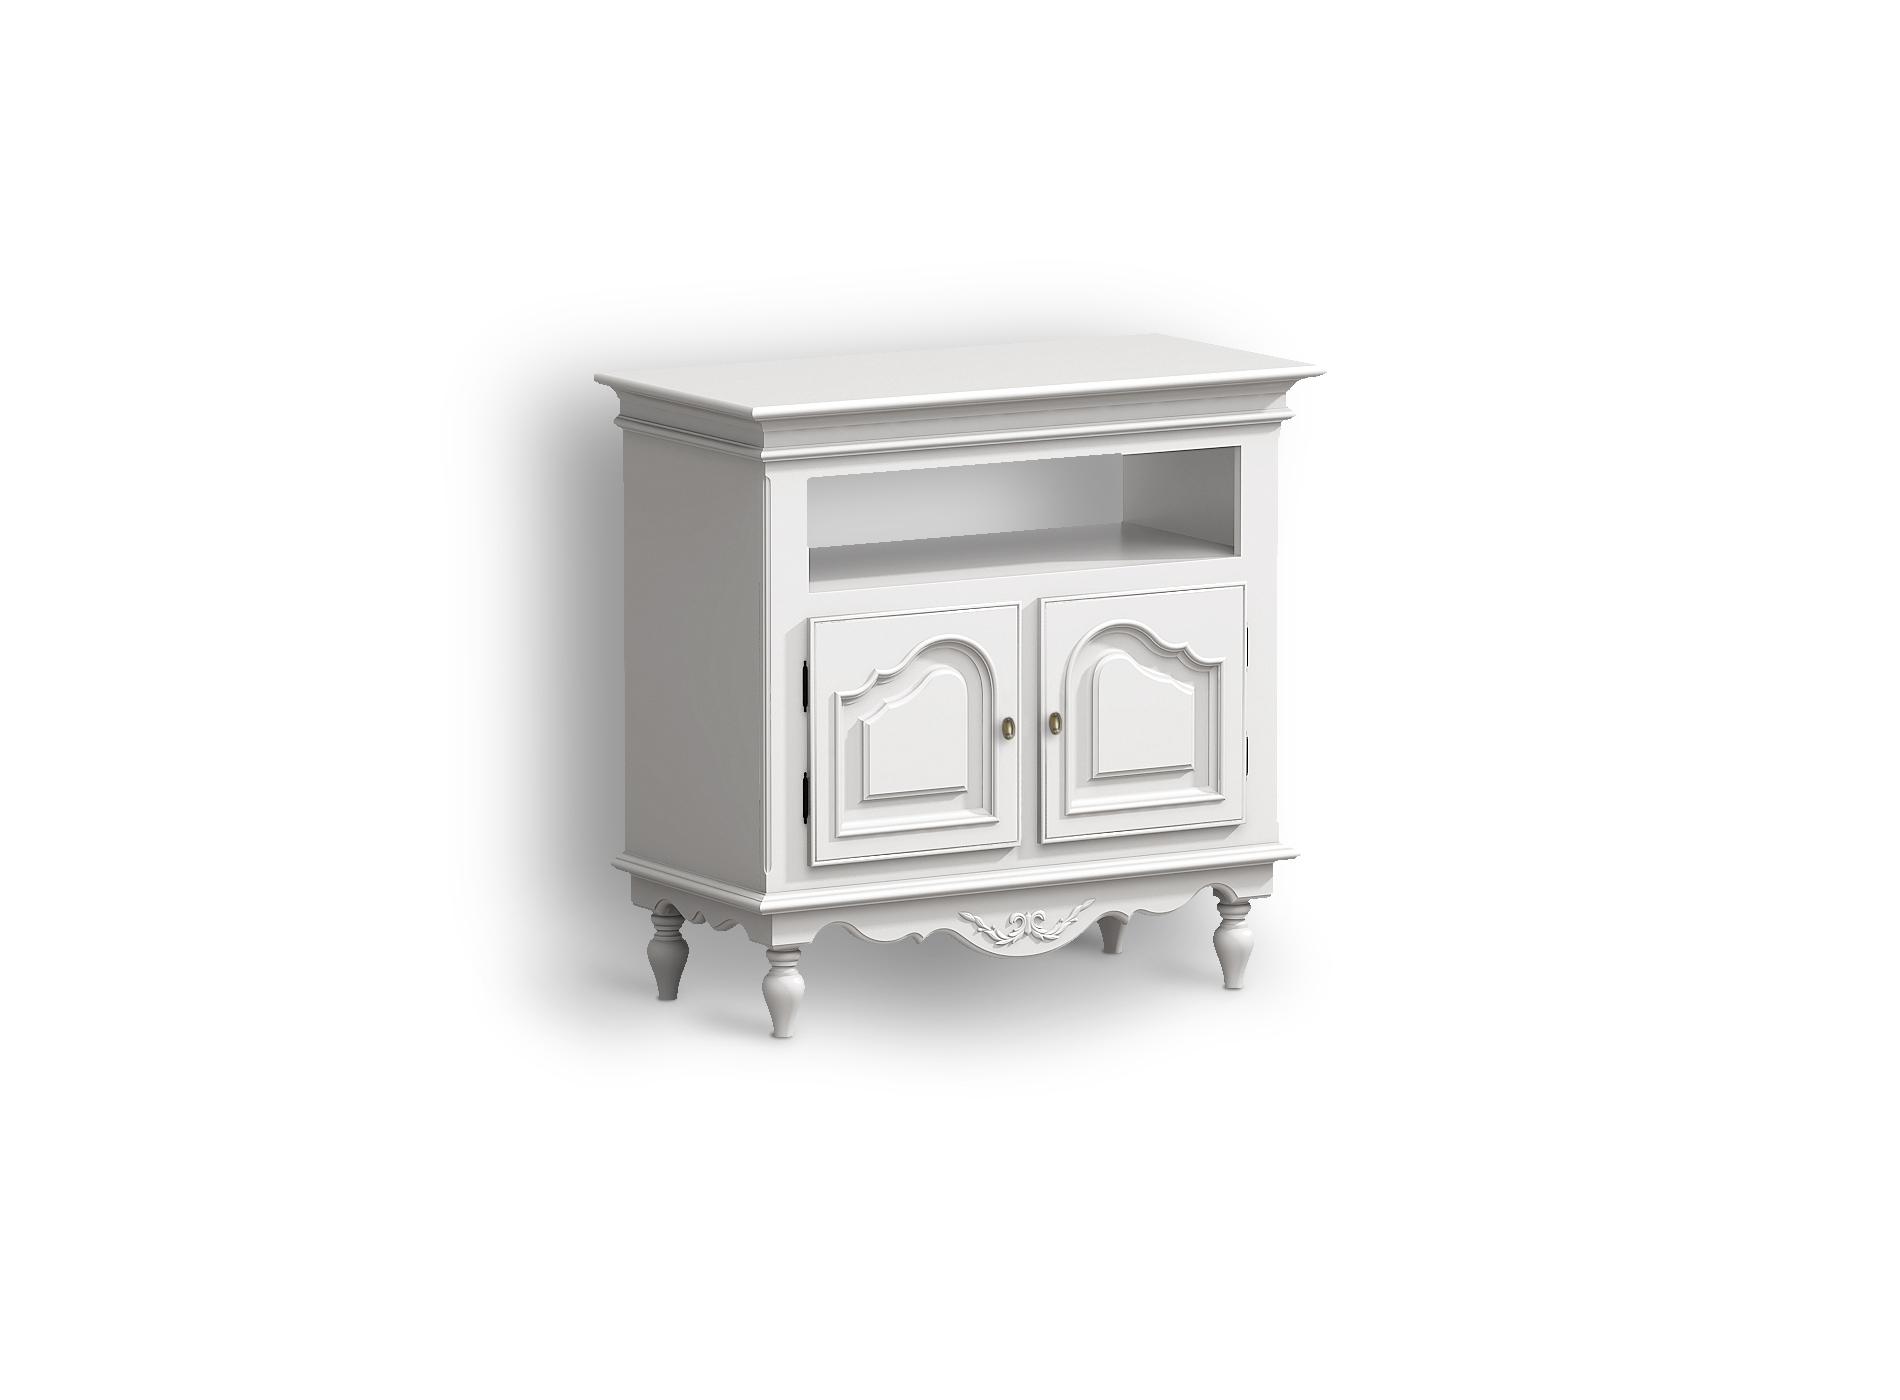 Тумба под ТВ Снежный ПровансТумбы под TV<br>Белая мебель Прованс для гостиной, спальни, столовой, кабинета отлично впишется в Ваш загородный дом. Белая высококачественная мебель &amp;quot;Снежный Прованс&amp;quot; также может послужить в качестве обстановки детской комнаты подростка. Это функциональная удобная мебель европейского качества. Коллекция изготовлена из массива бука (каркасы и точеные элементы мебели) и из высококачественного МДФ (филенчатые части) и соответствует немецким стандартам для детской мебели.<br>Мебель &amp;quot;Снежный Прованс&amp;quot; имеет плавные изогнутые формы и украшена потертым вручную декором в виде оливковой ветви.<br><br>Material: Бук<br>Length см: None<br>Width см: 90<br>Depth см: 44<br>Height см: 86.5<br>Diameter см: None